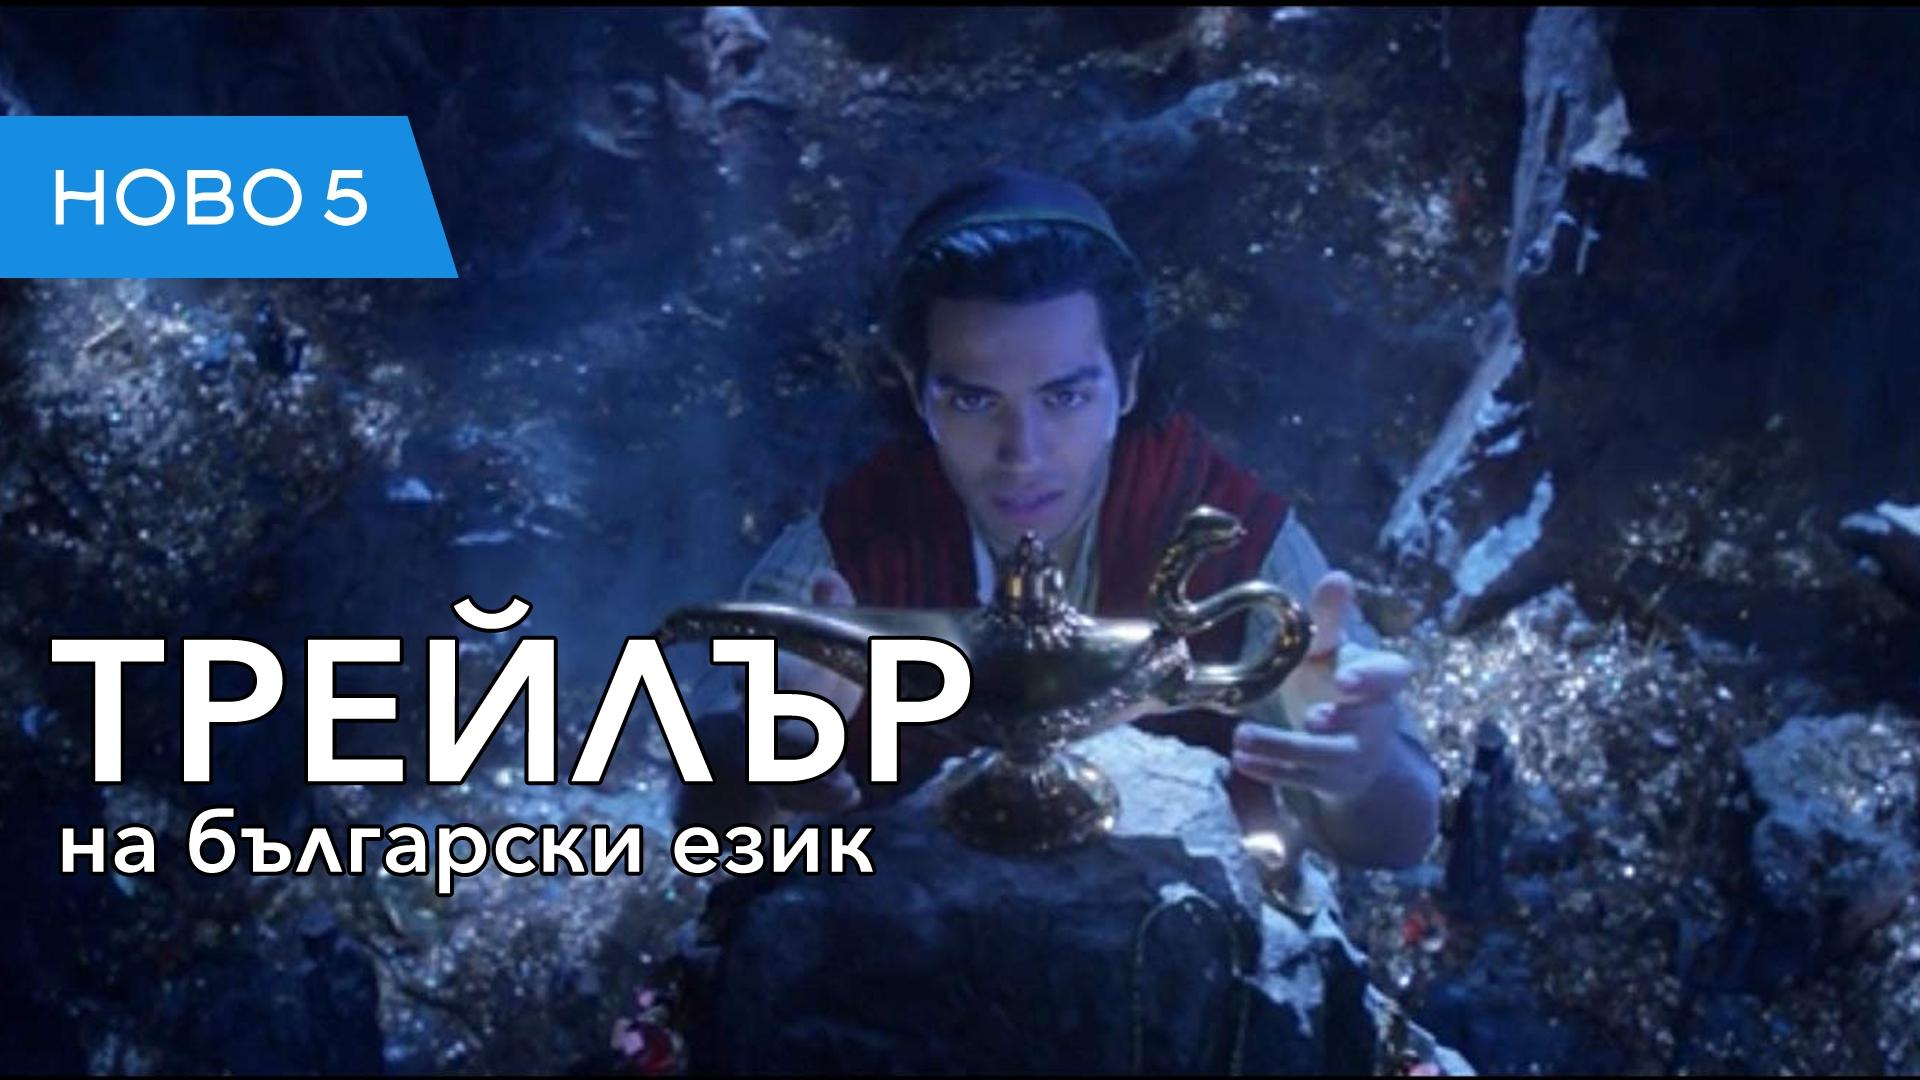 Аладин (2019) тийзър трейлър, озвучен на български език